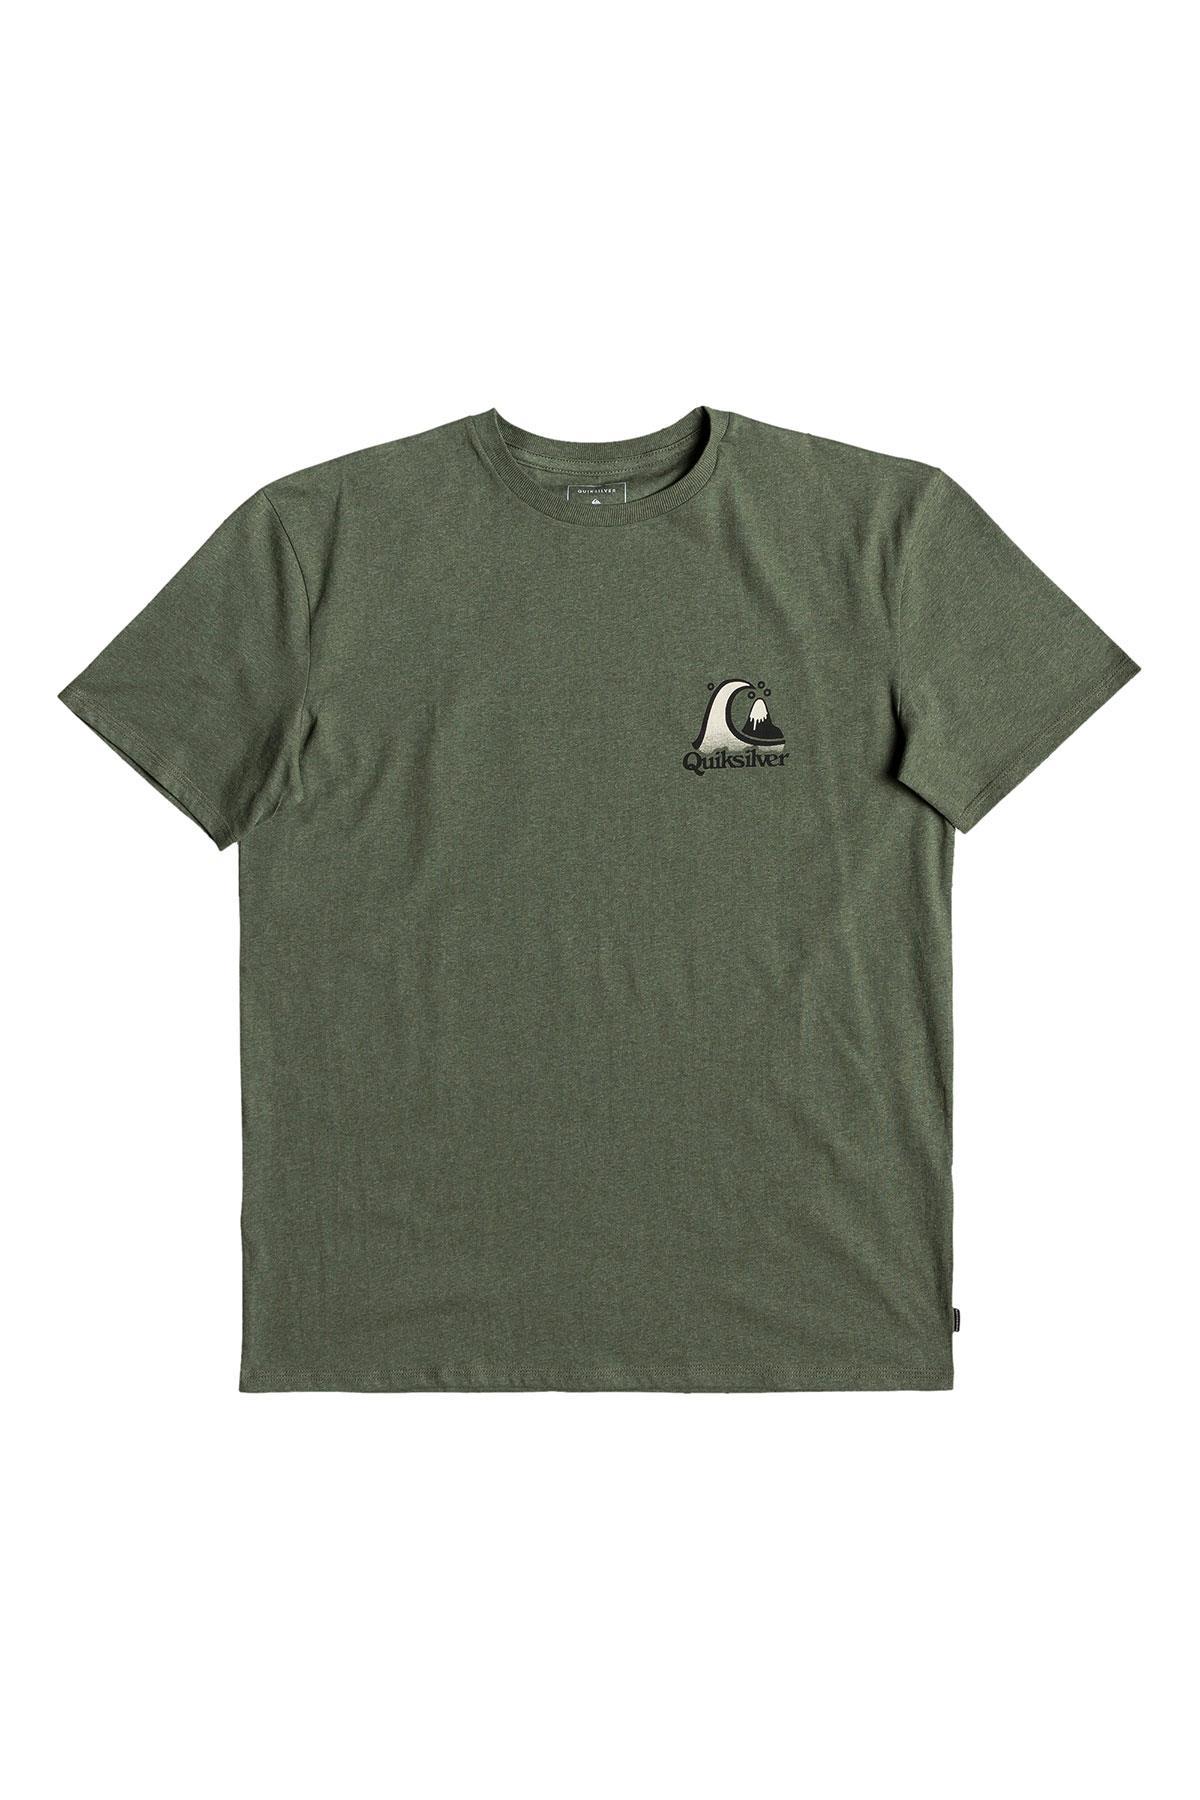 Quiksilver Captainslimss M Tees T-Shirt Qkeqyzt05229